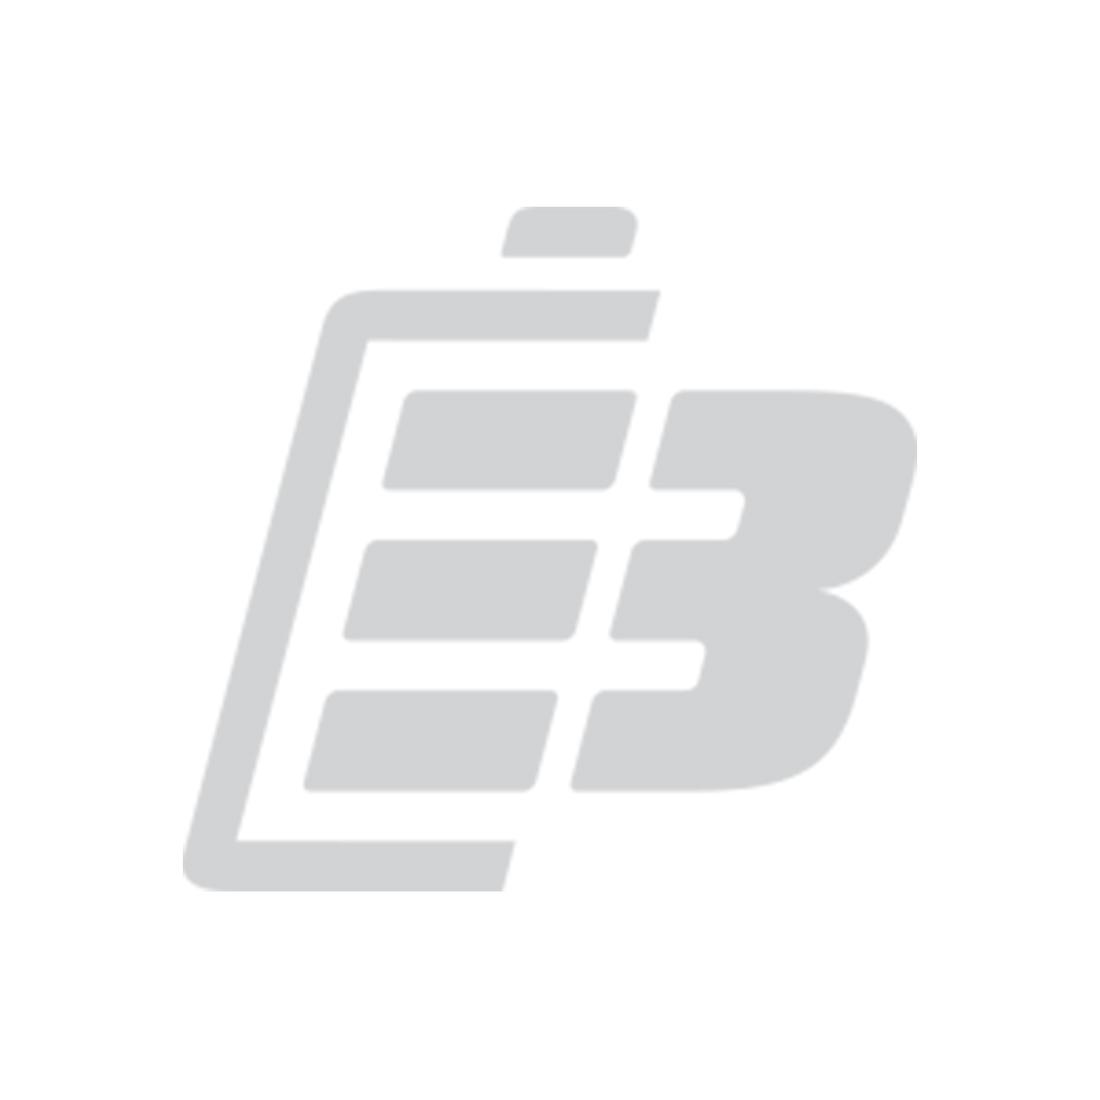 Μπαταρία δορυφορικού τηλεφώνου Inmarsat IsatPhone Pro_1